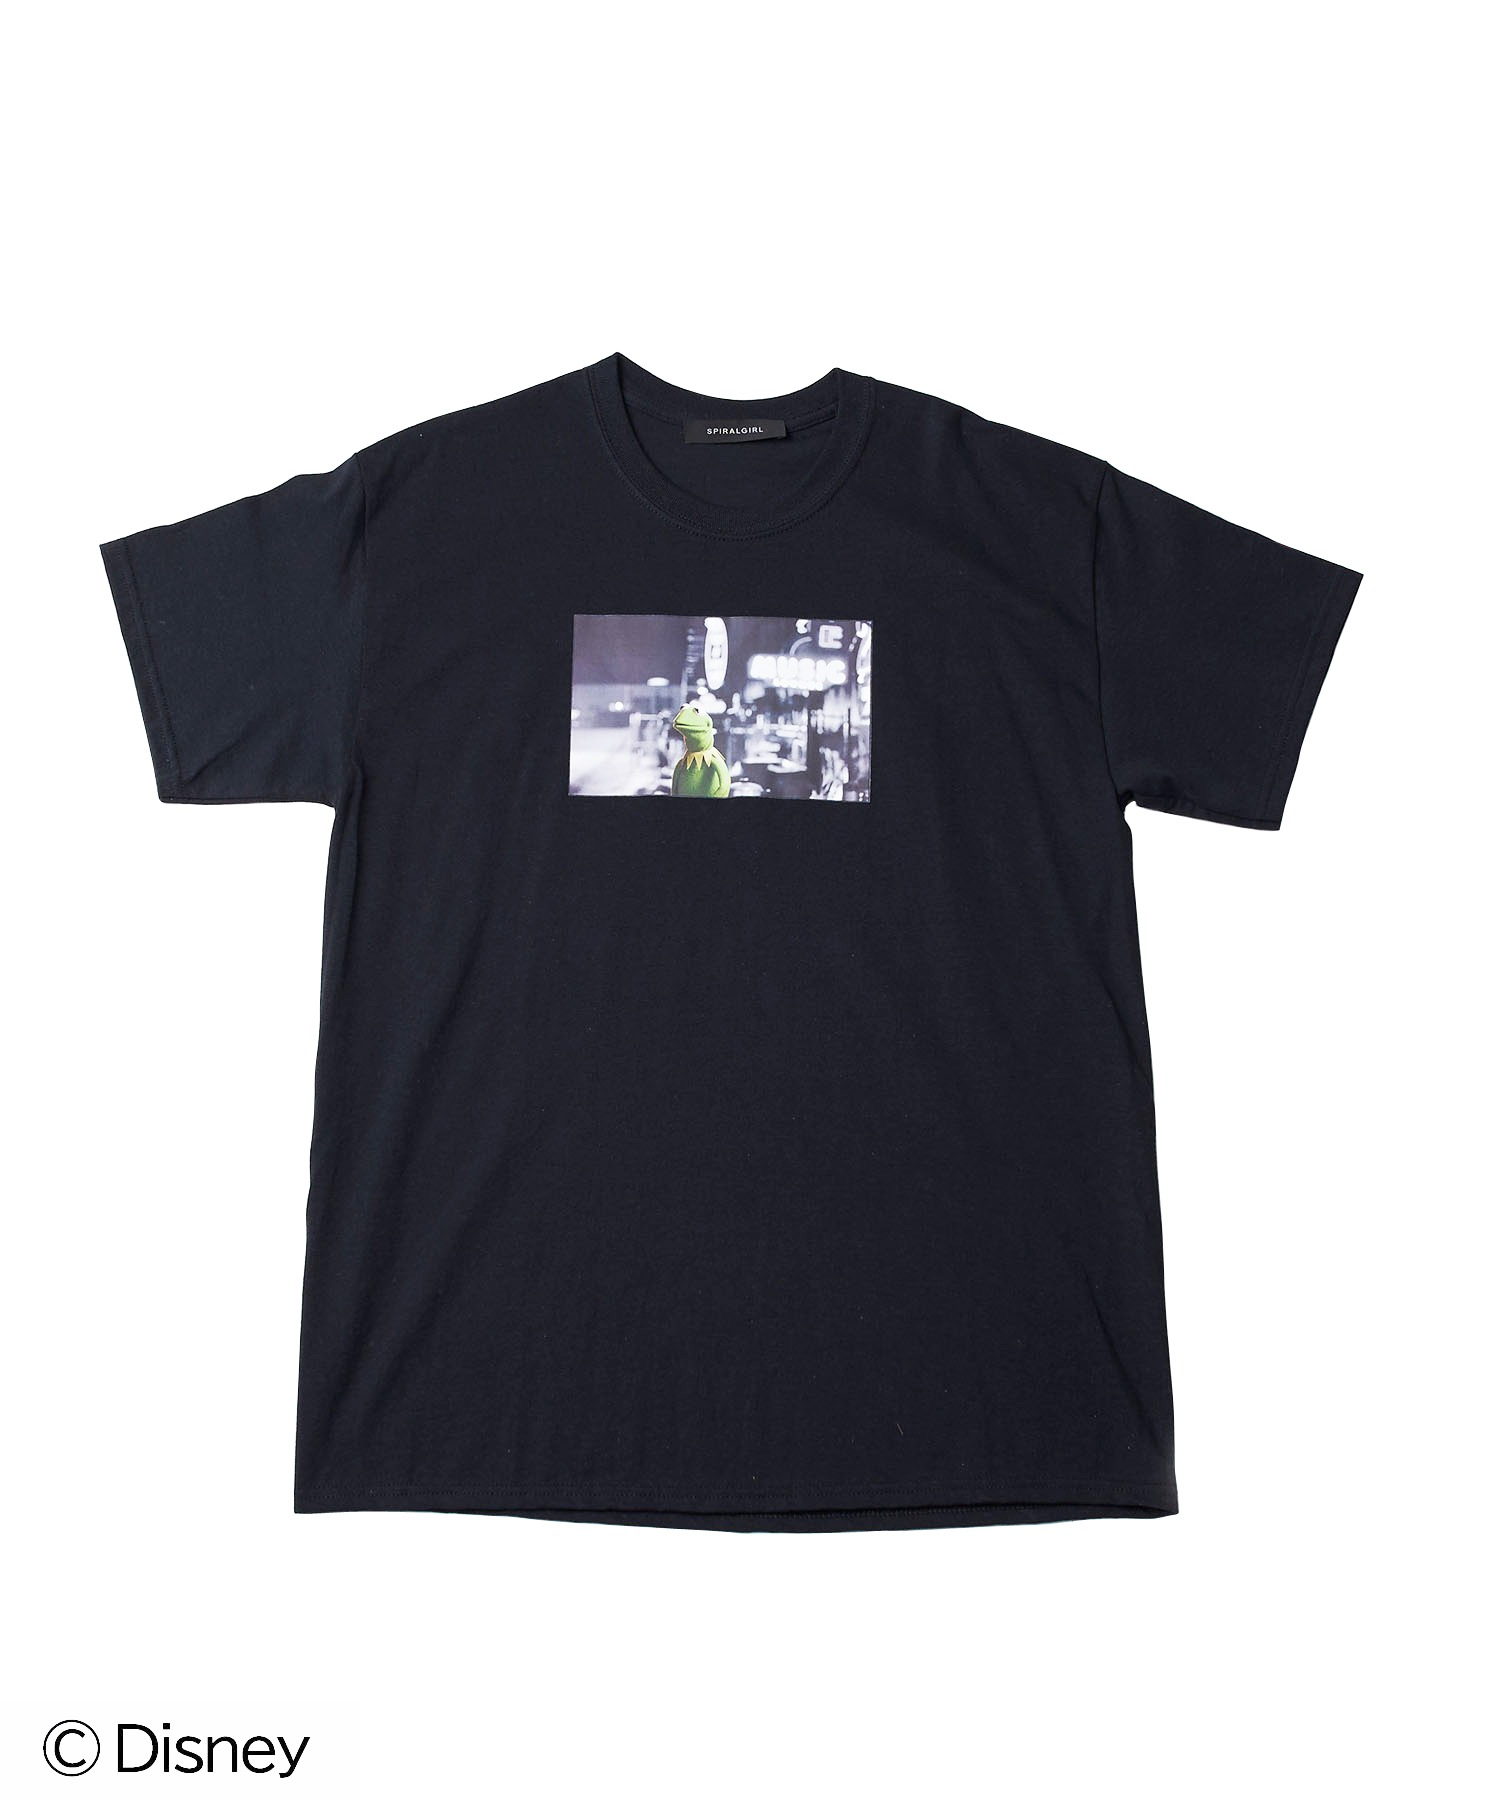 【Disney(ディズニー)/THE MUPPETS(ザ・マペッツ)】Tシャツ